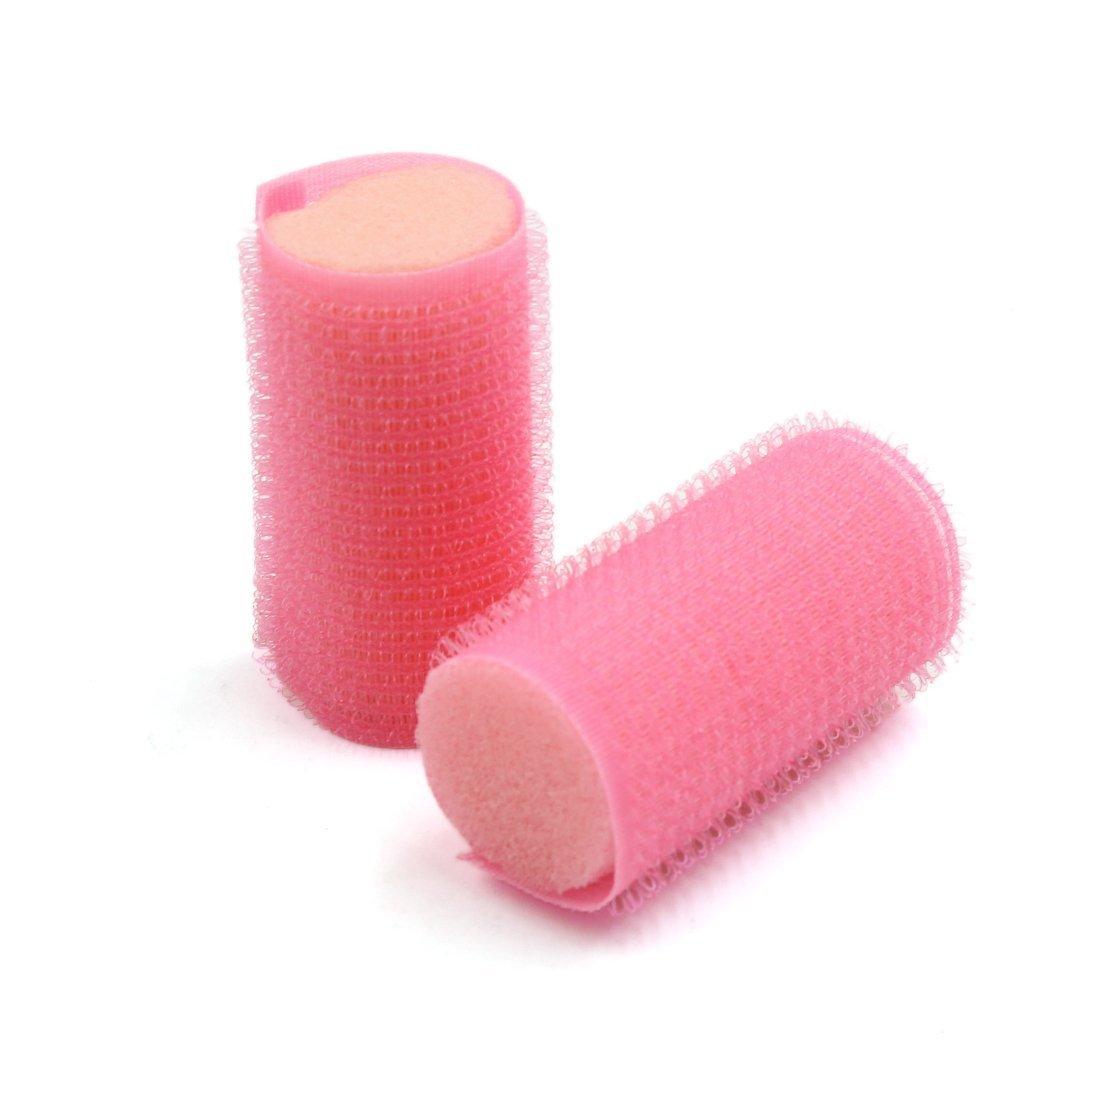 Amazon.com: Herramientas eDealMax 20 piezas de esponja rosada DIY Pelo ondulado de Los bigudíes de Los rodillos que Labra Para las Mujeres: Health ...